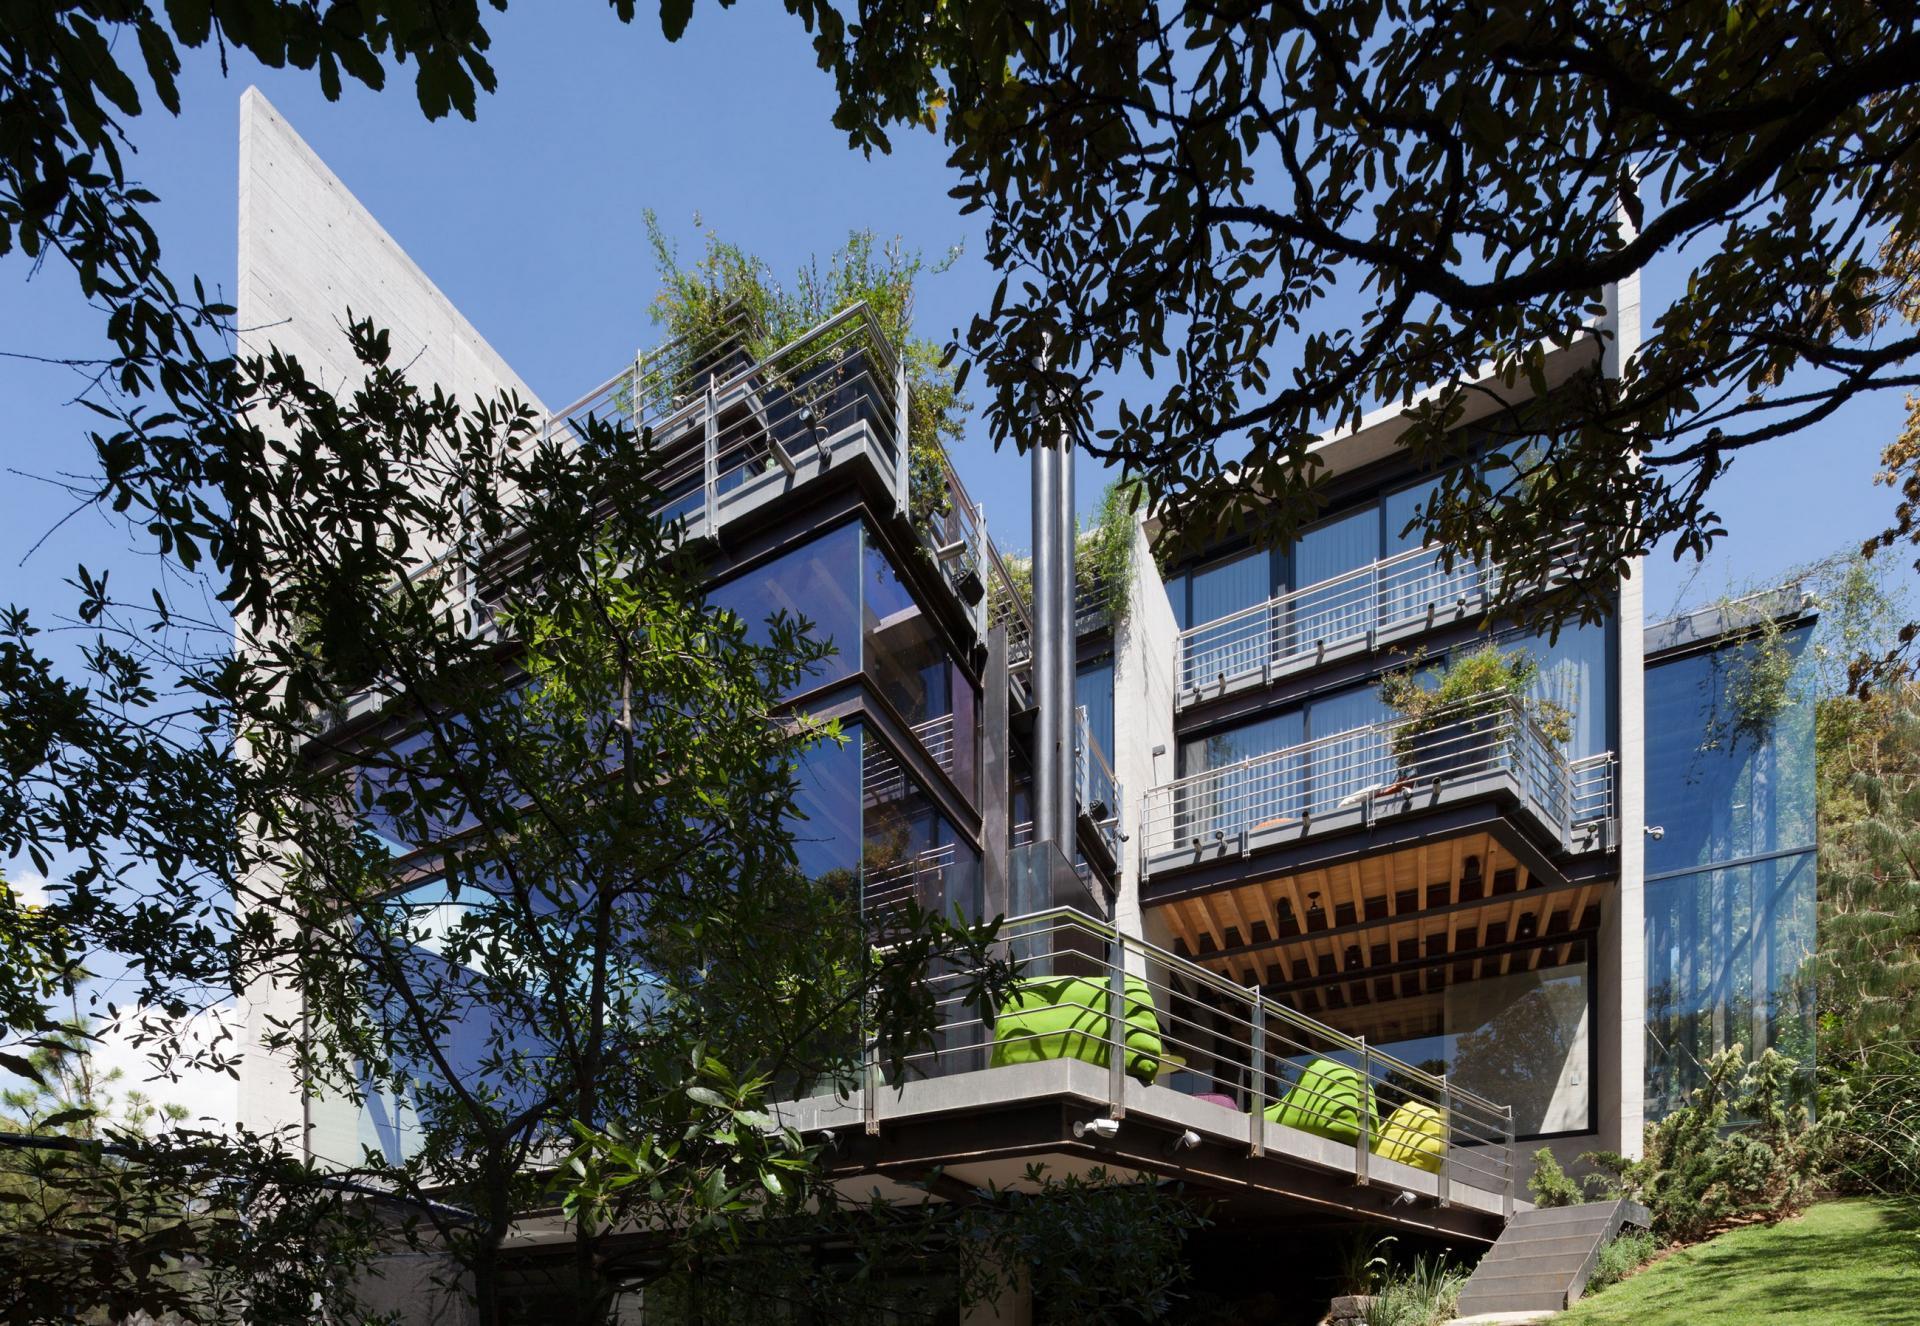 Casa Tepozcuautla - architecture